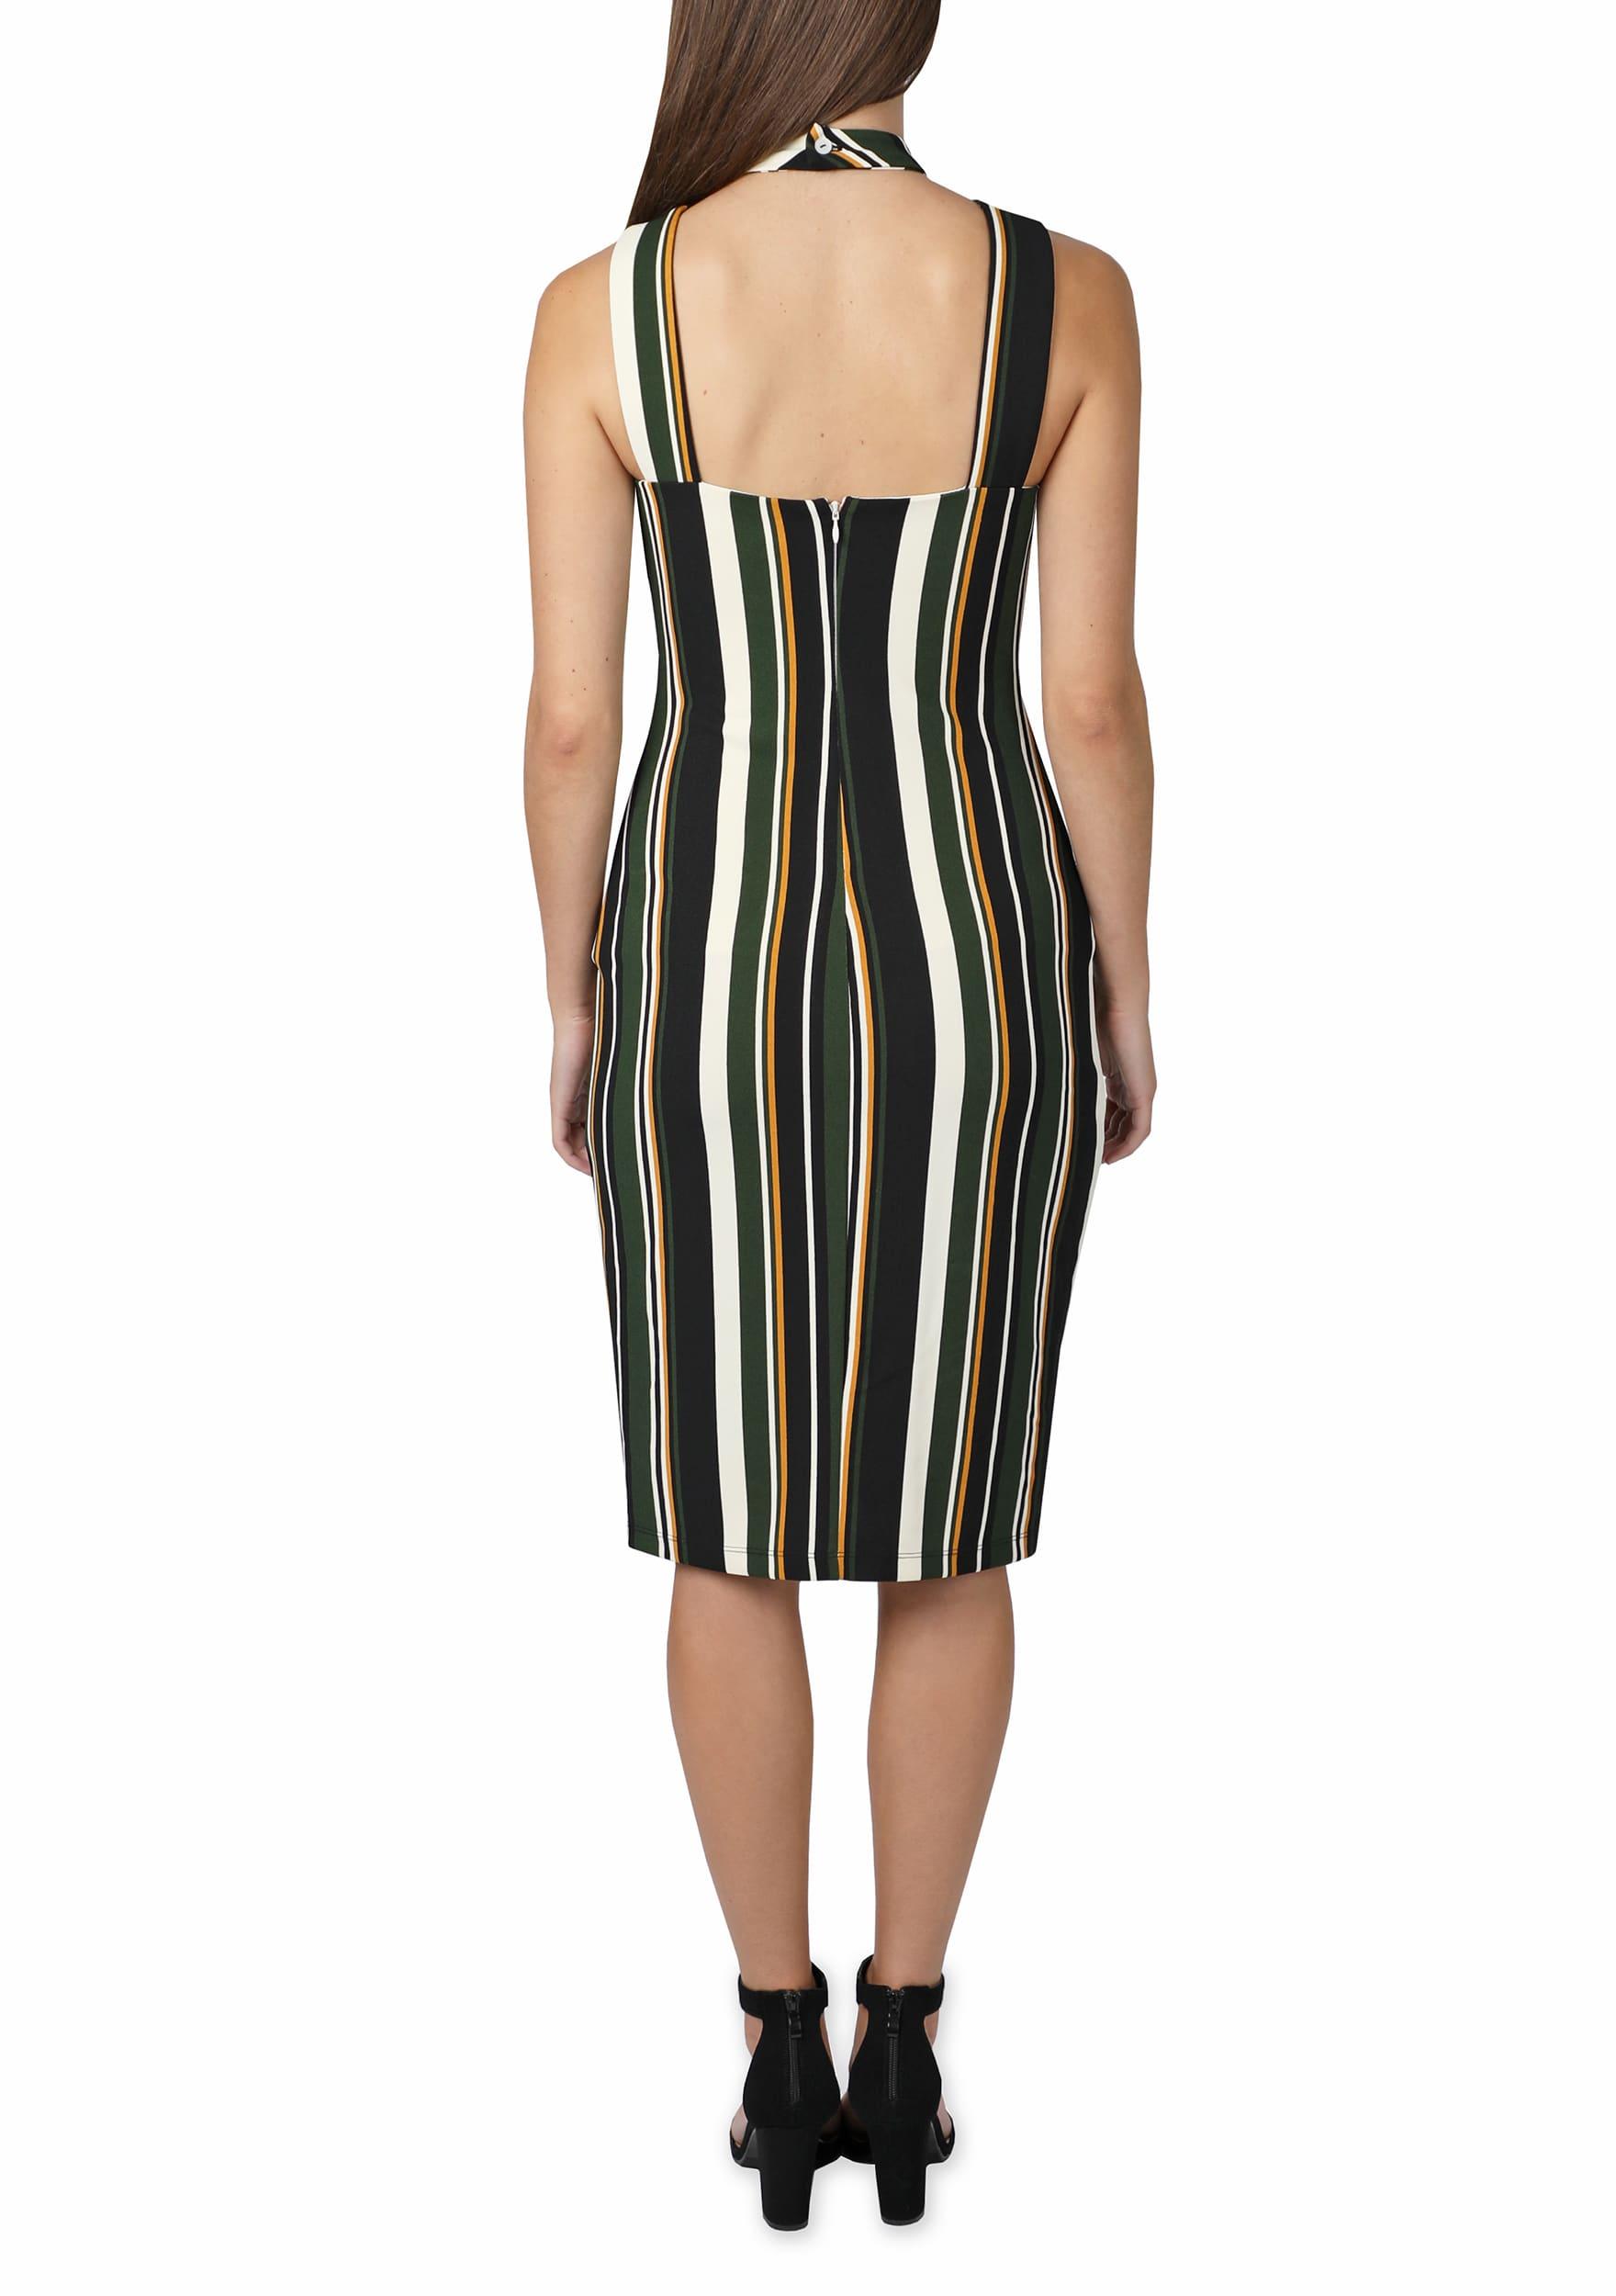 Bebe Stripe Halter Midi Dress - Green/multi - Back